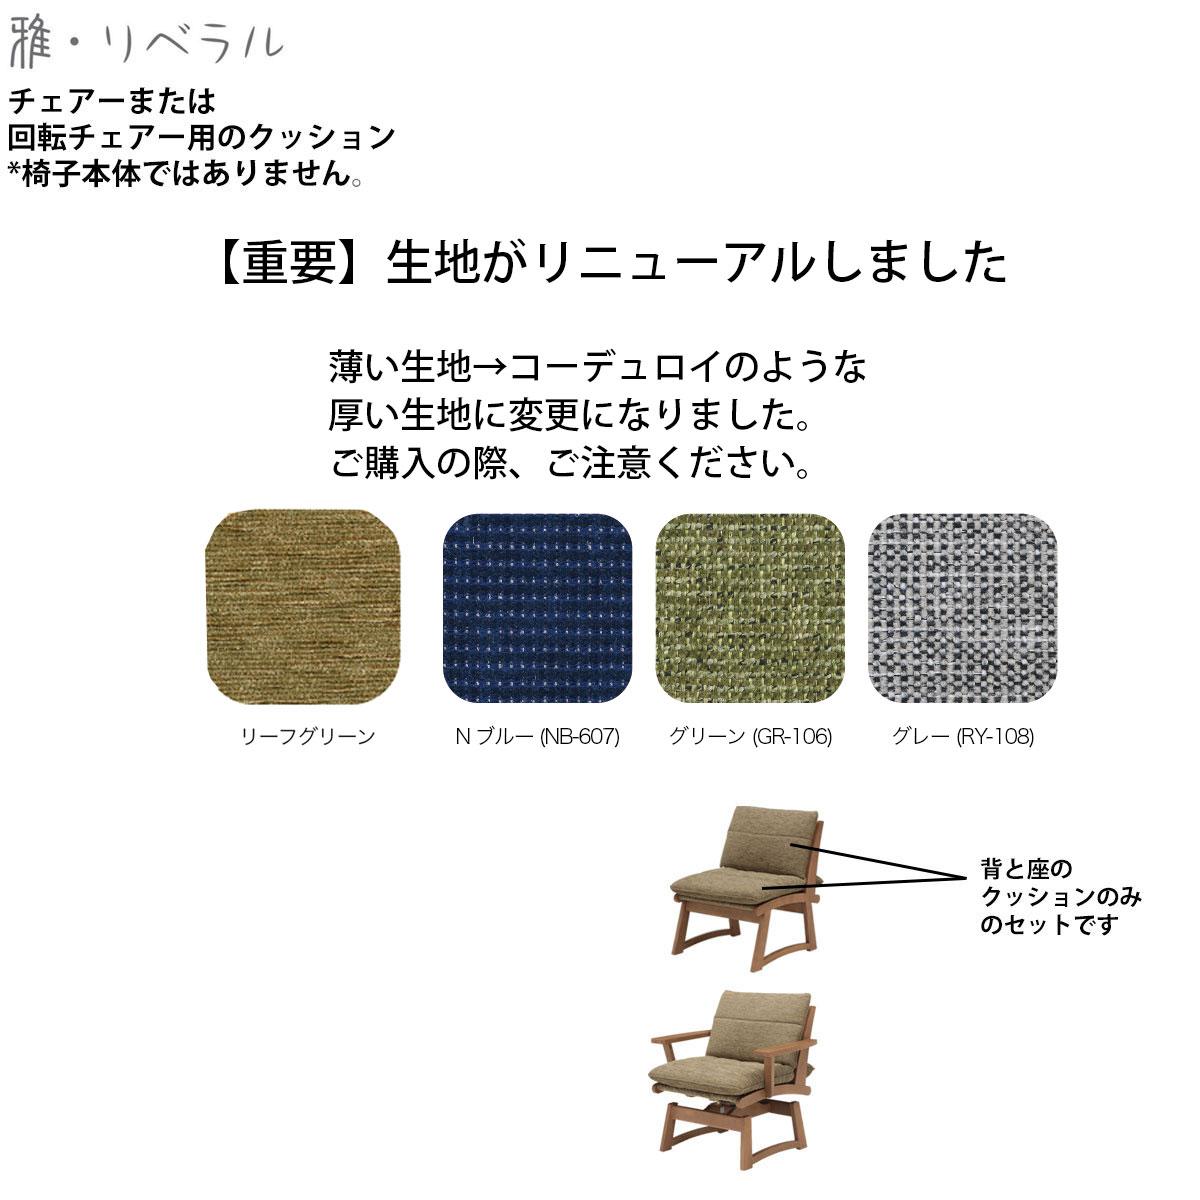 ミキモク 雅・リベラル クッションのみ オプション チェアー・回転チェアー用(C-0590・C-0260・C-0590AR・C-0260AR共通)